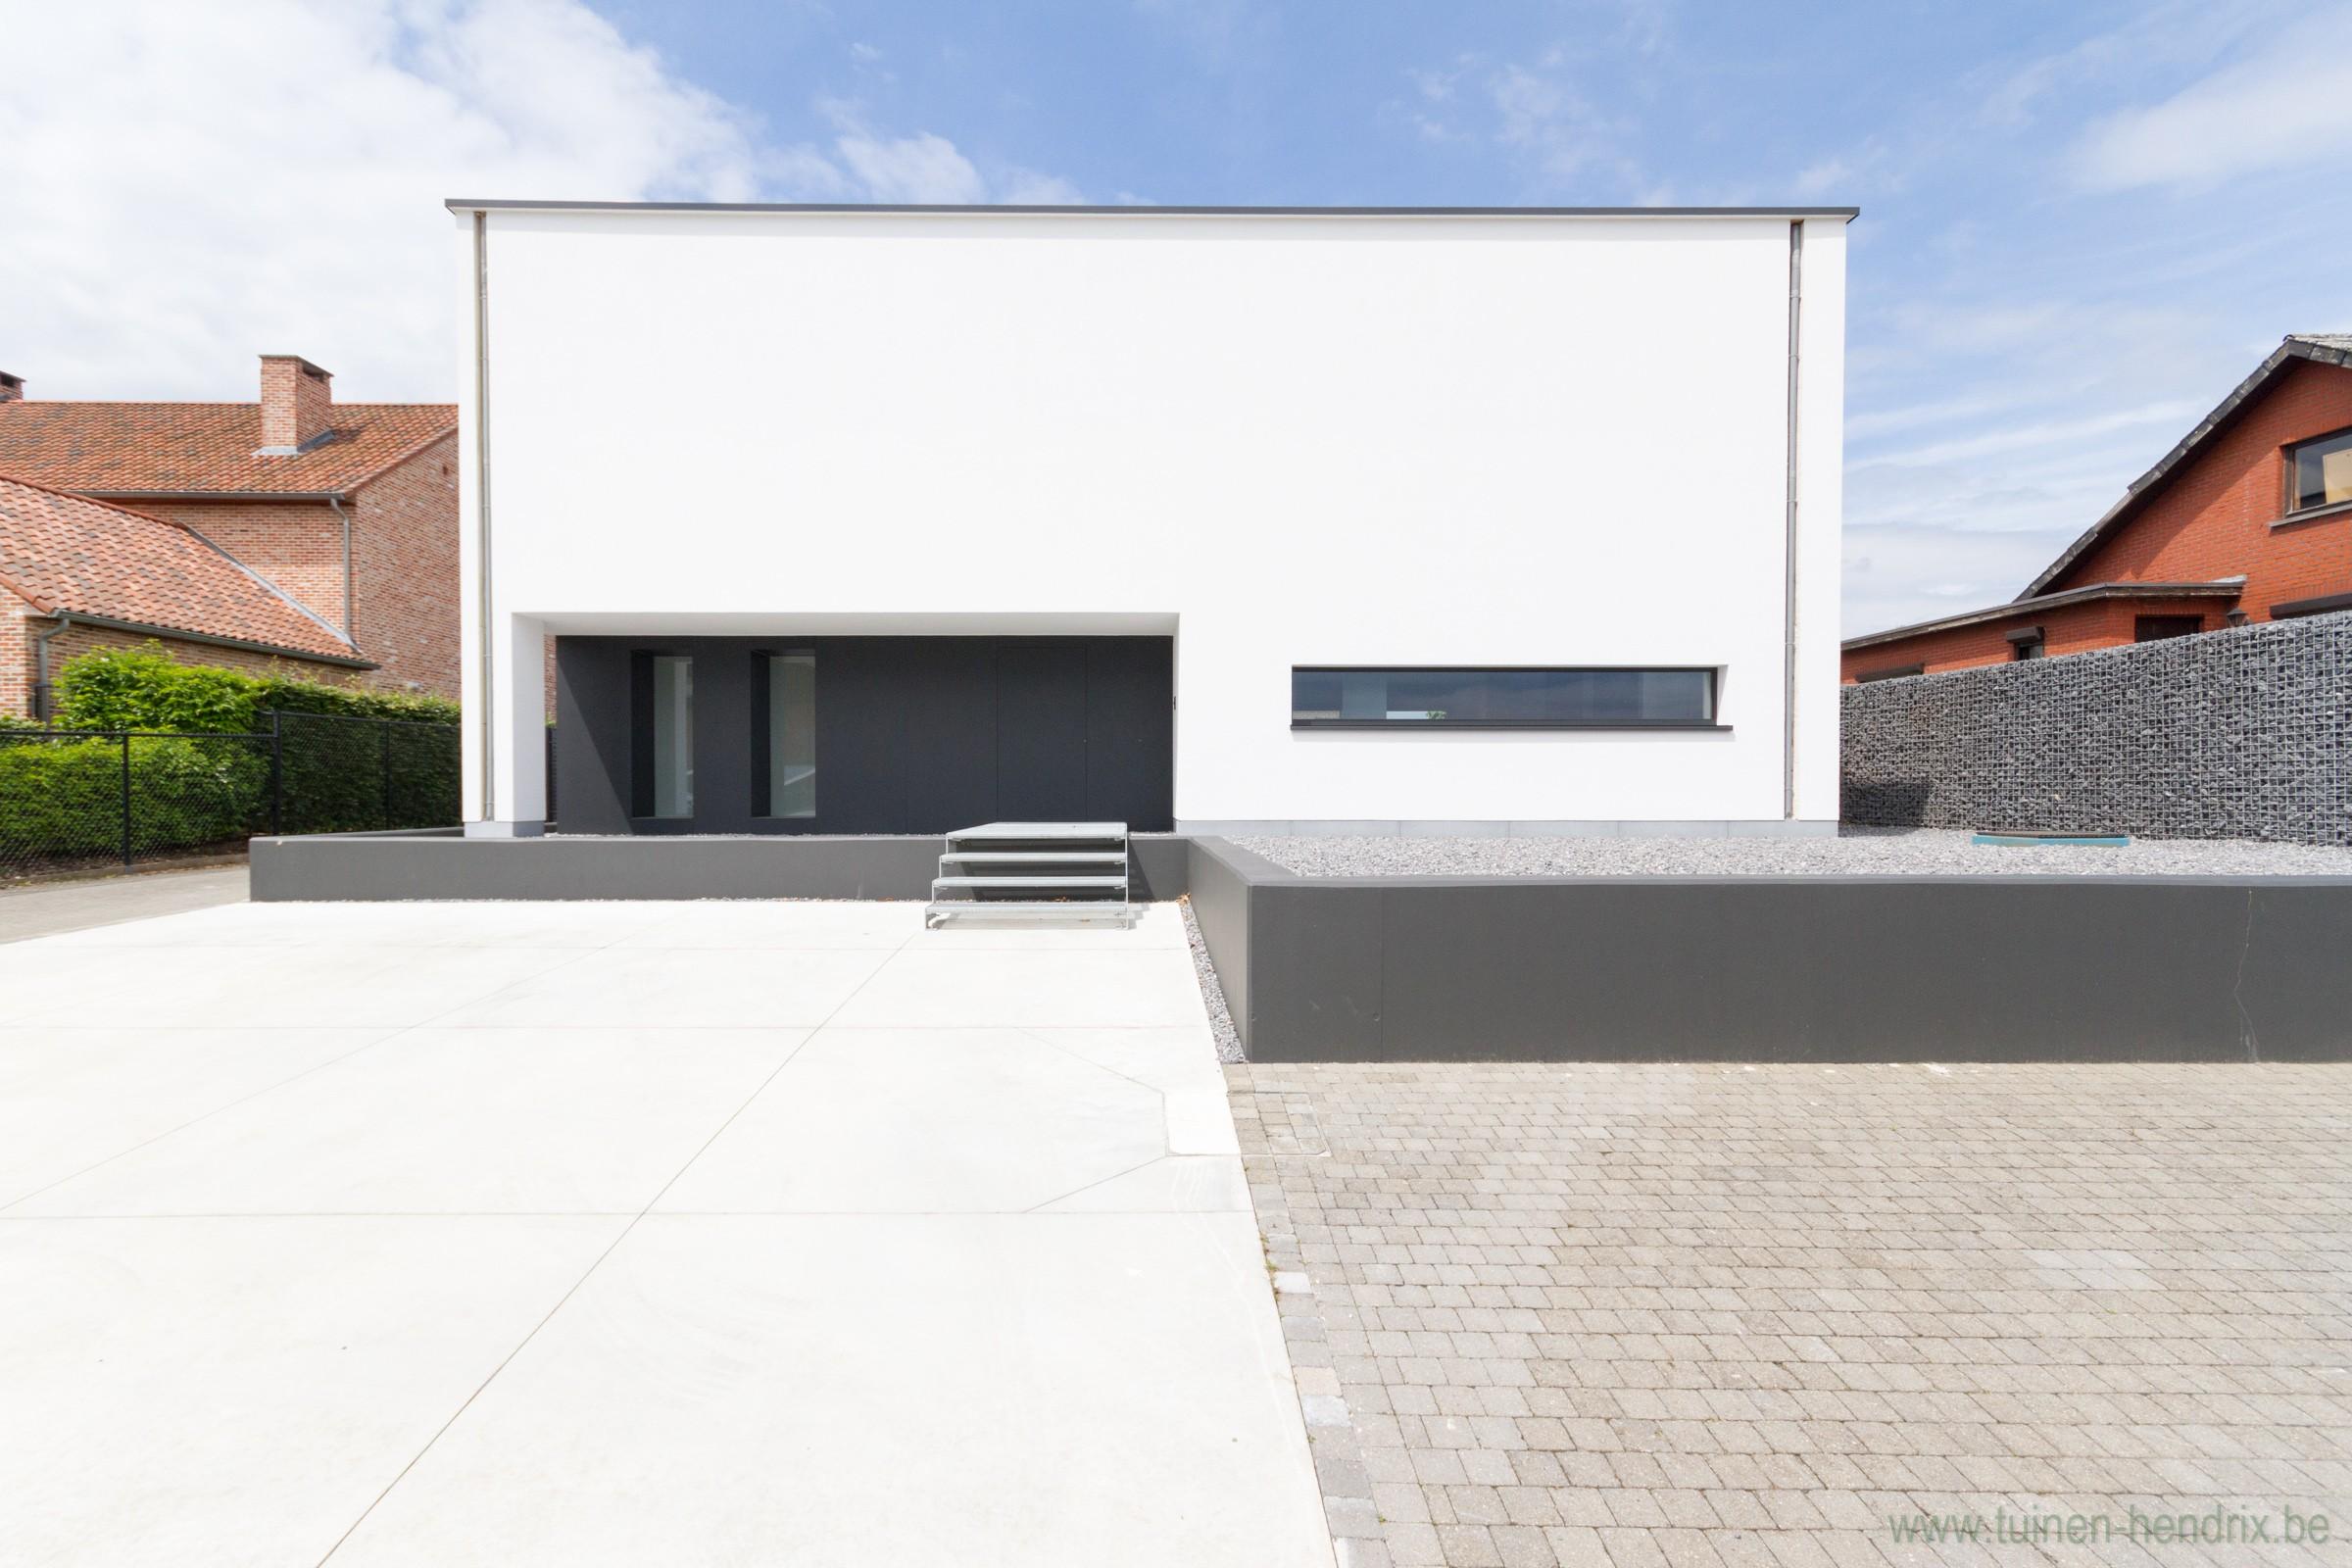 Moderne tuinen archieven tuinen for Tuinaanleg modern